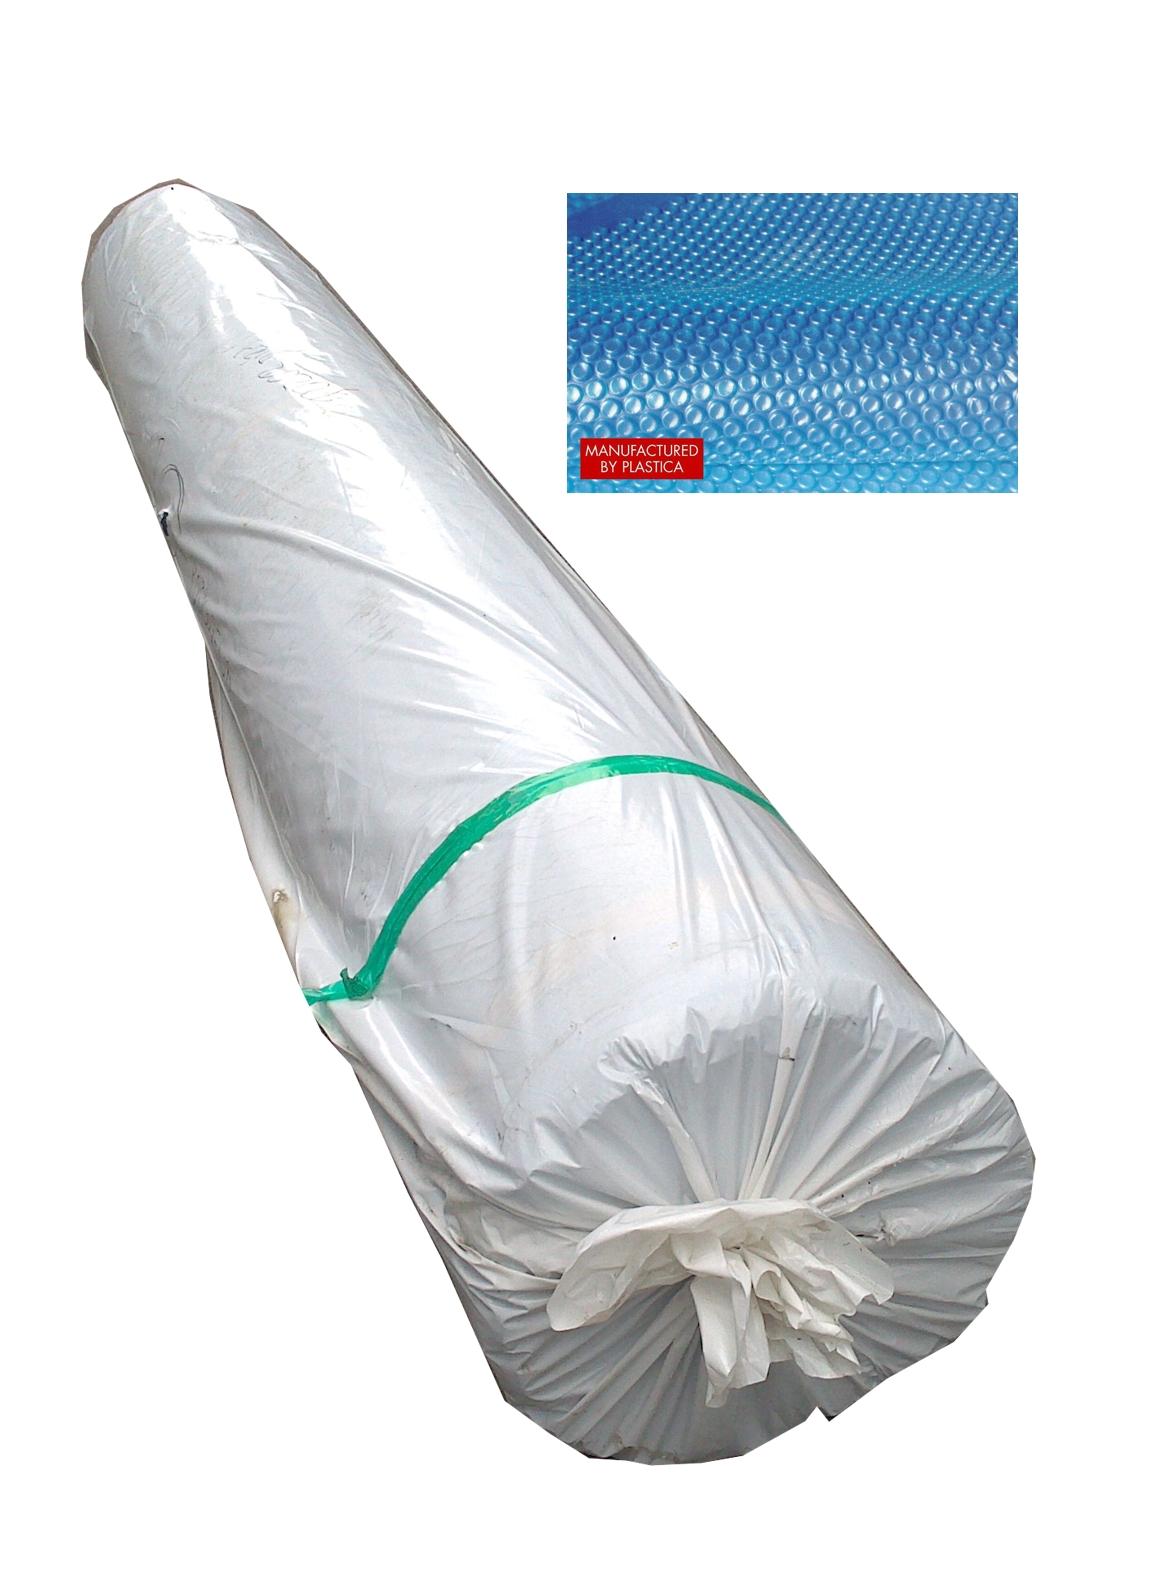 Solární fólie - 360 mic/celá role: 50m x 3,0m, barva modrá